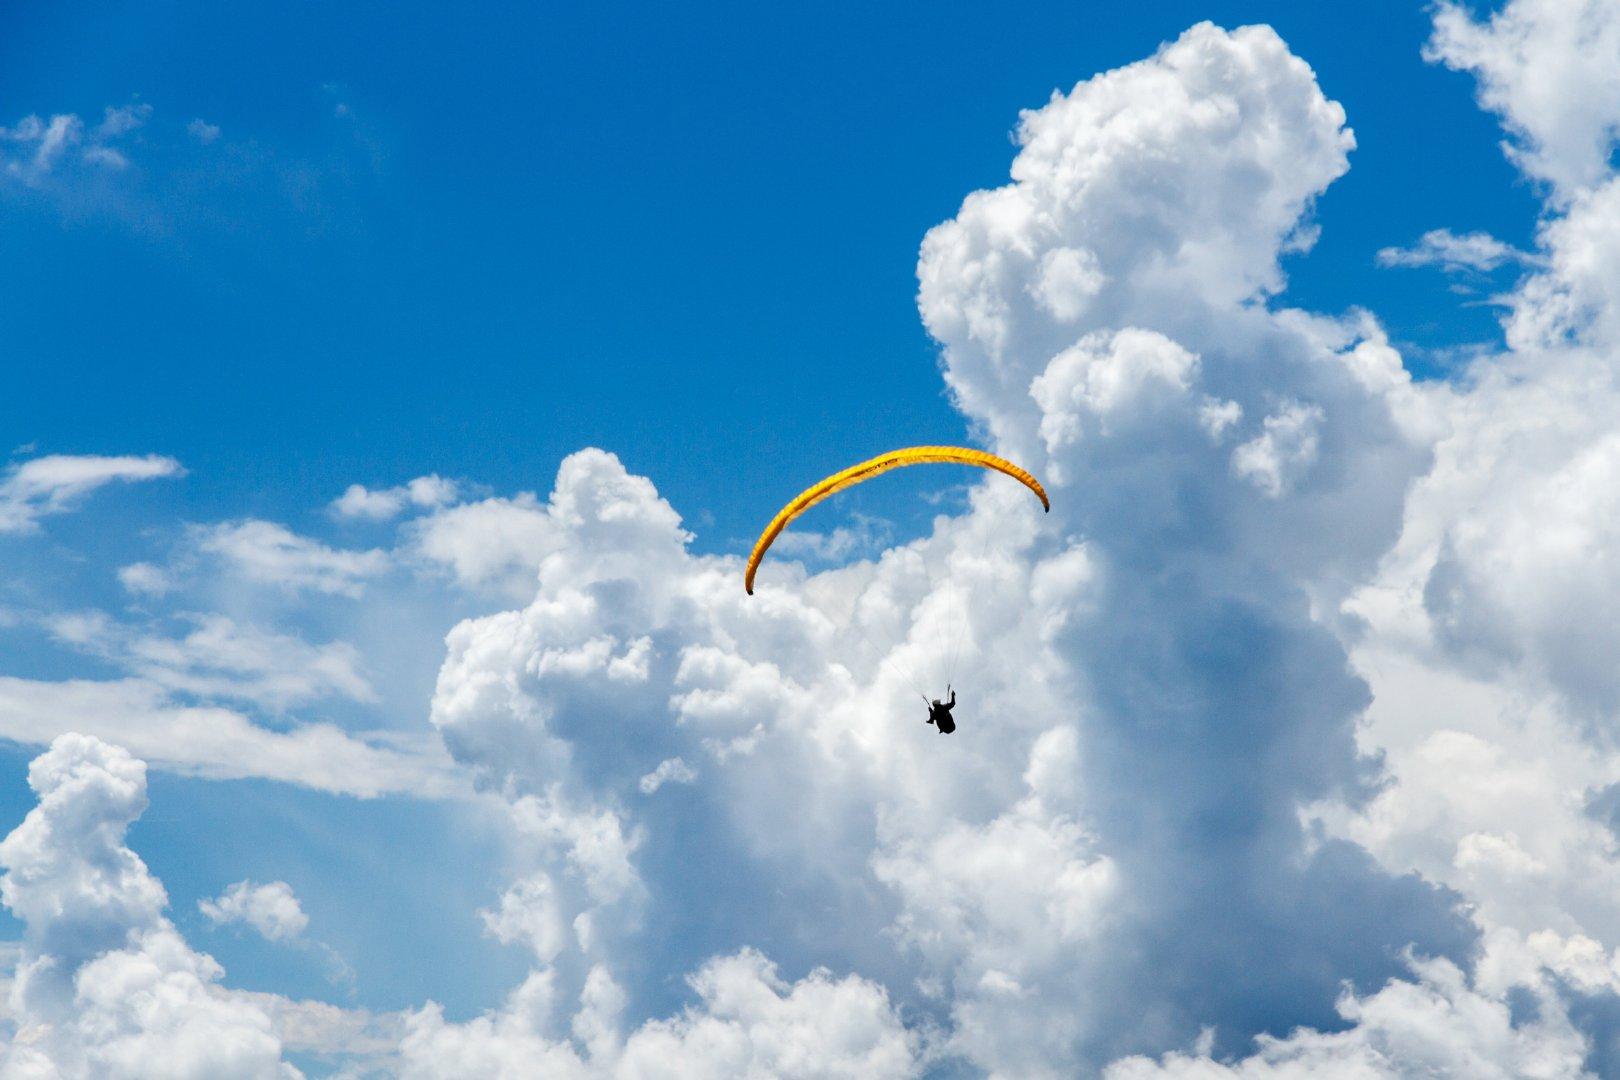 在蔚蓝天空中飞翔的滑翔伞高清特写